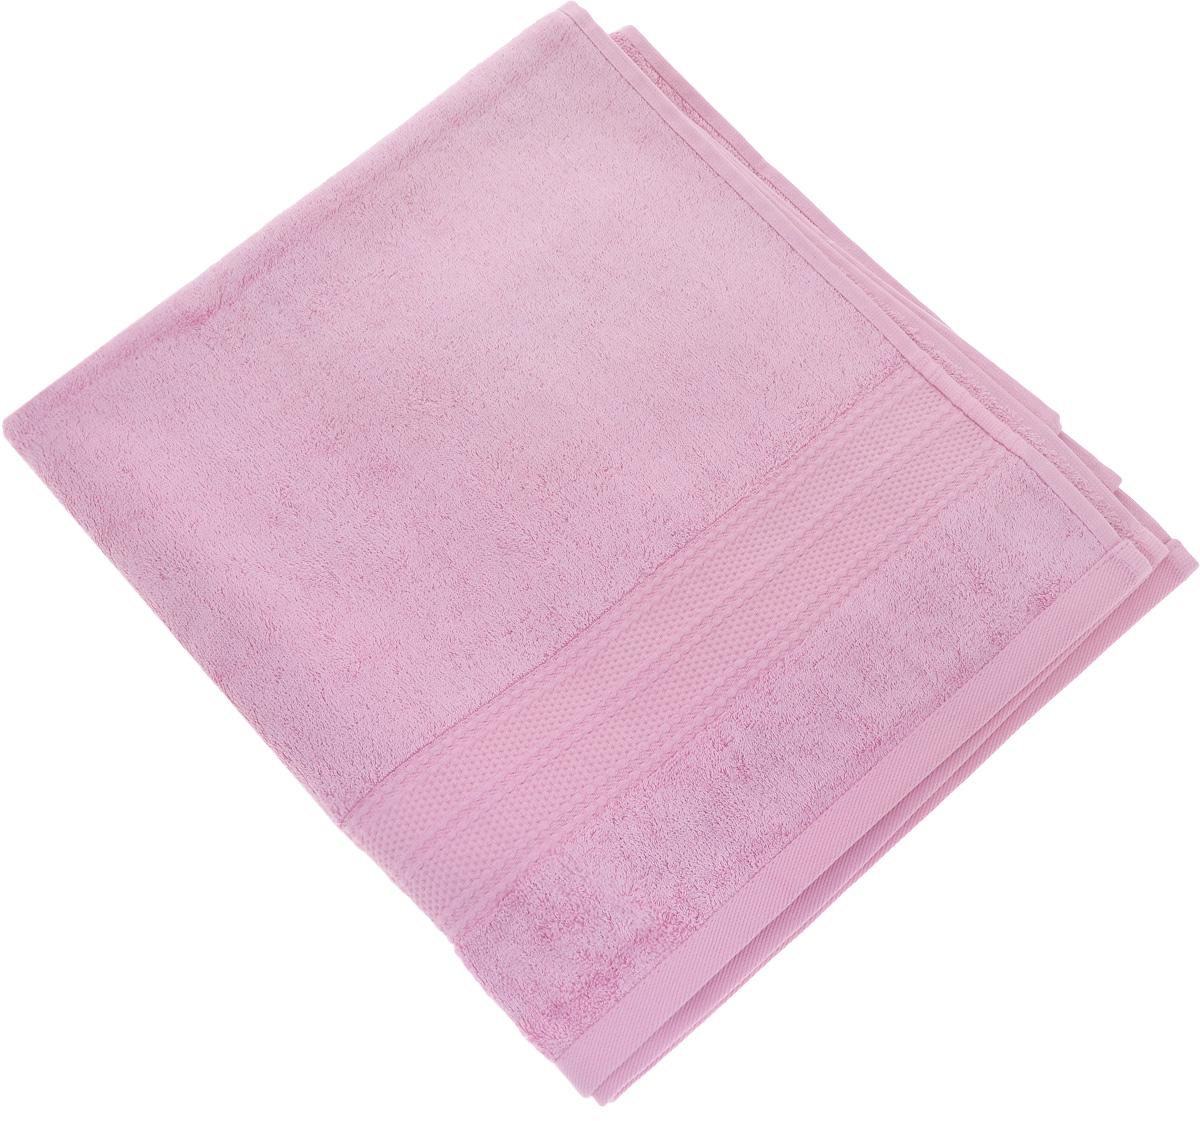 Полотенце Soavita Luxury. Вояж, цвет: розовый, 70 х 140 см51745Полотенце Soavita Luxury. Вояж выполнено из высококачественного тенселя. Изделие отлично впитывает влагу, быстро сохнет, сохраняет яркость цвета и не теряет форму даже после многократных стирок. Полотенце очень практично и неприхотливо в уходе. Оно создаст прекрасное настроение и украсит интерьер в ванной комнате.